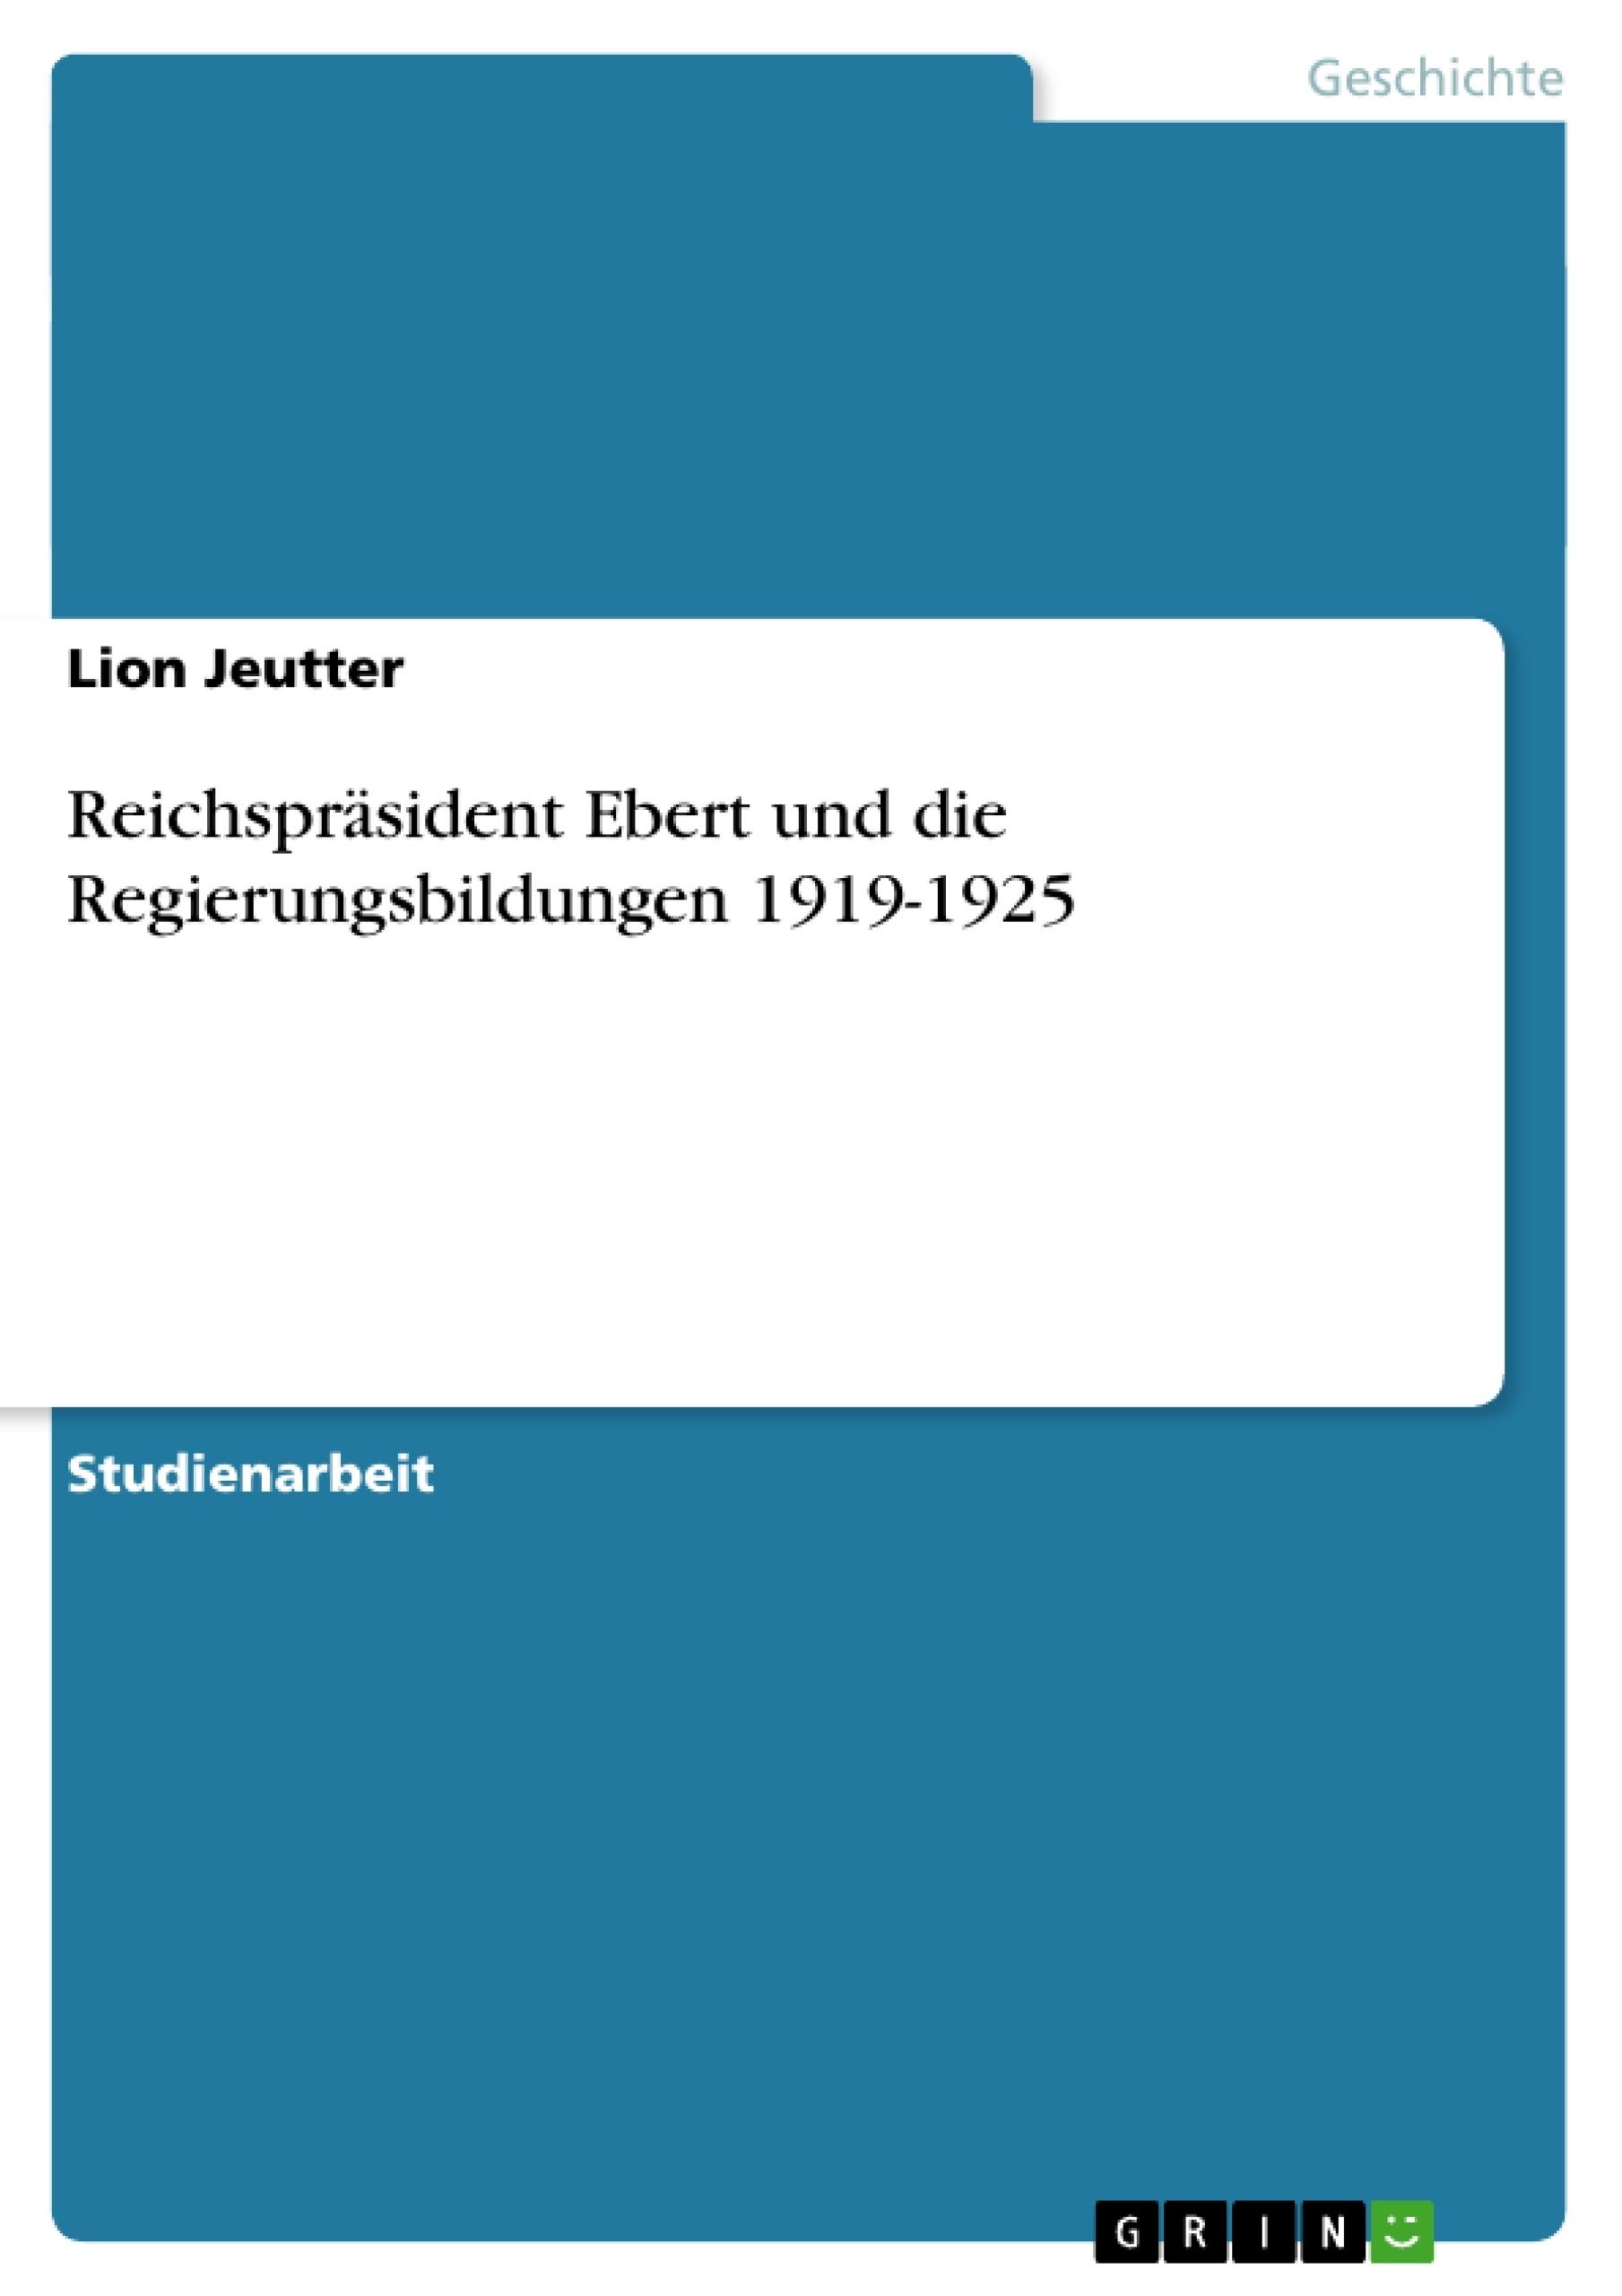 Titel: Reichspräsident Ebert und die Regierungsbildungen 1919-1925